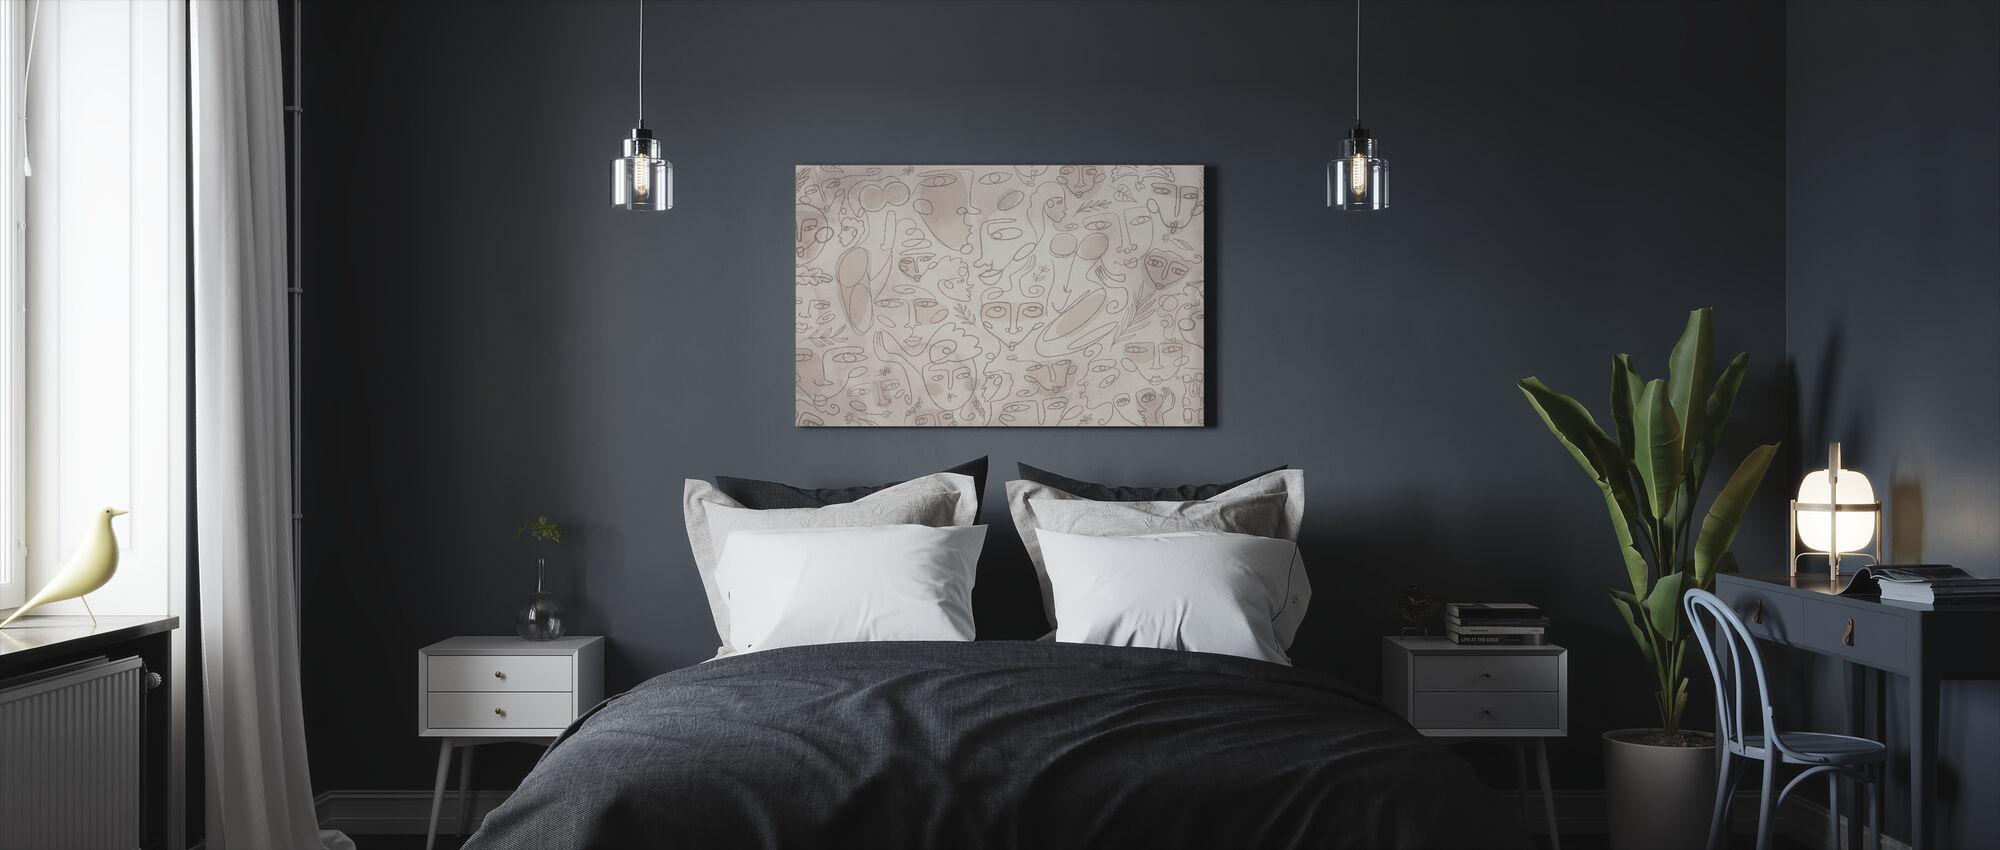 Lijn Gezichten - Beige - Canvas print - Slaapkamer